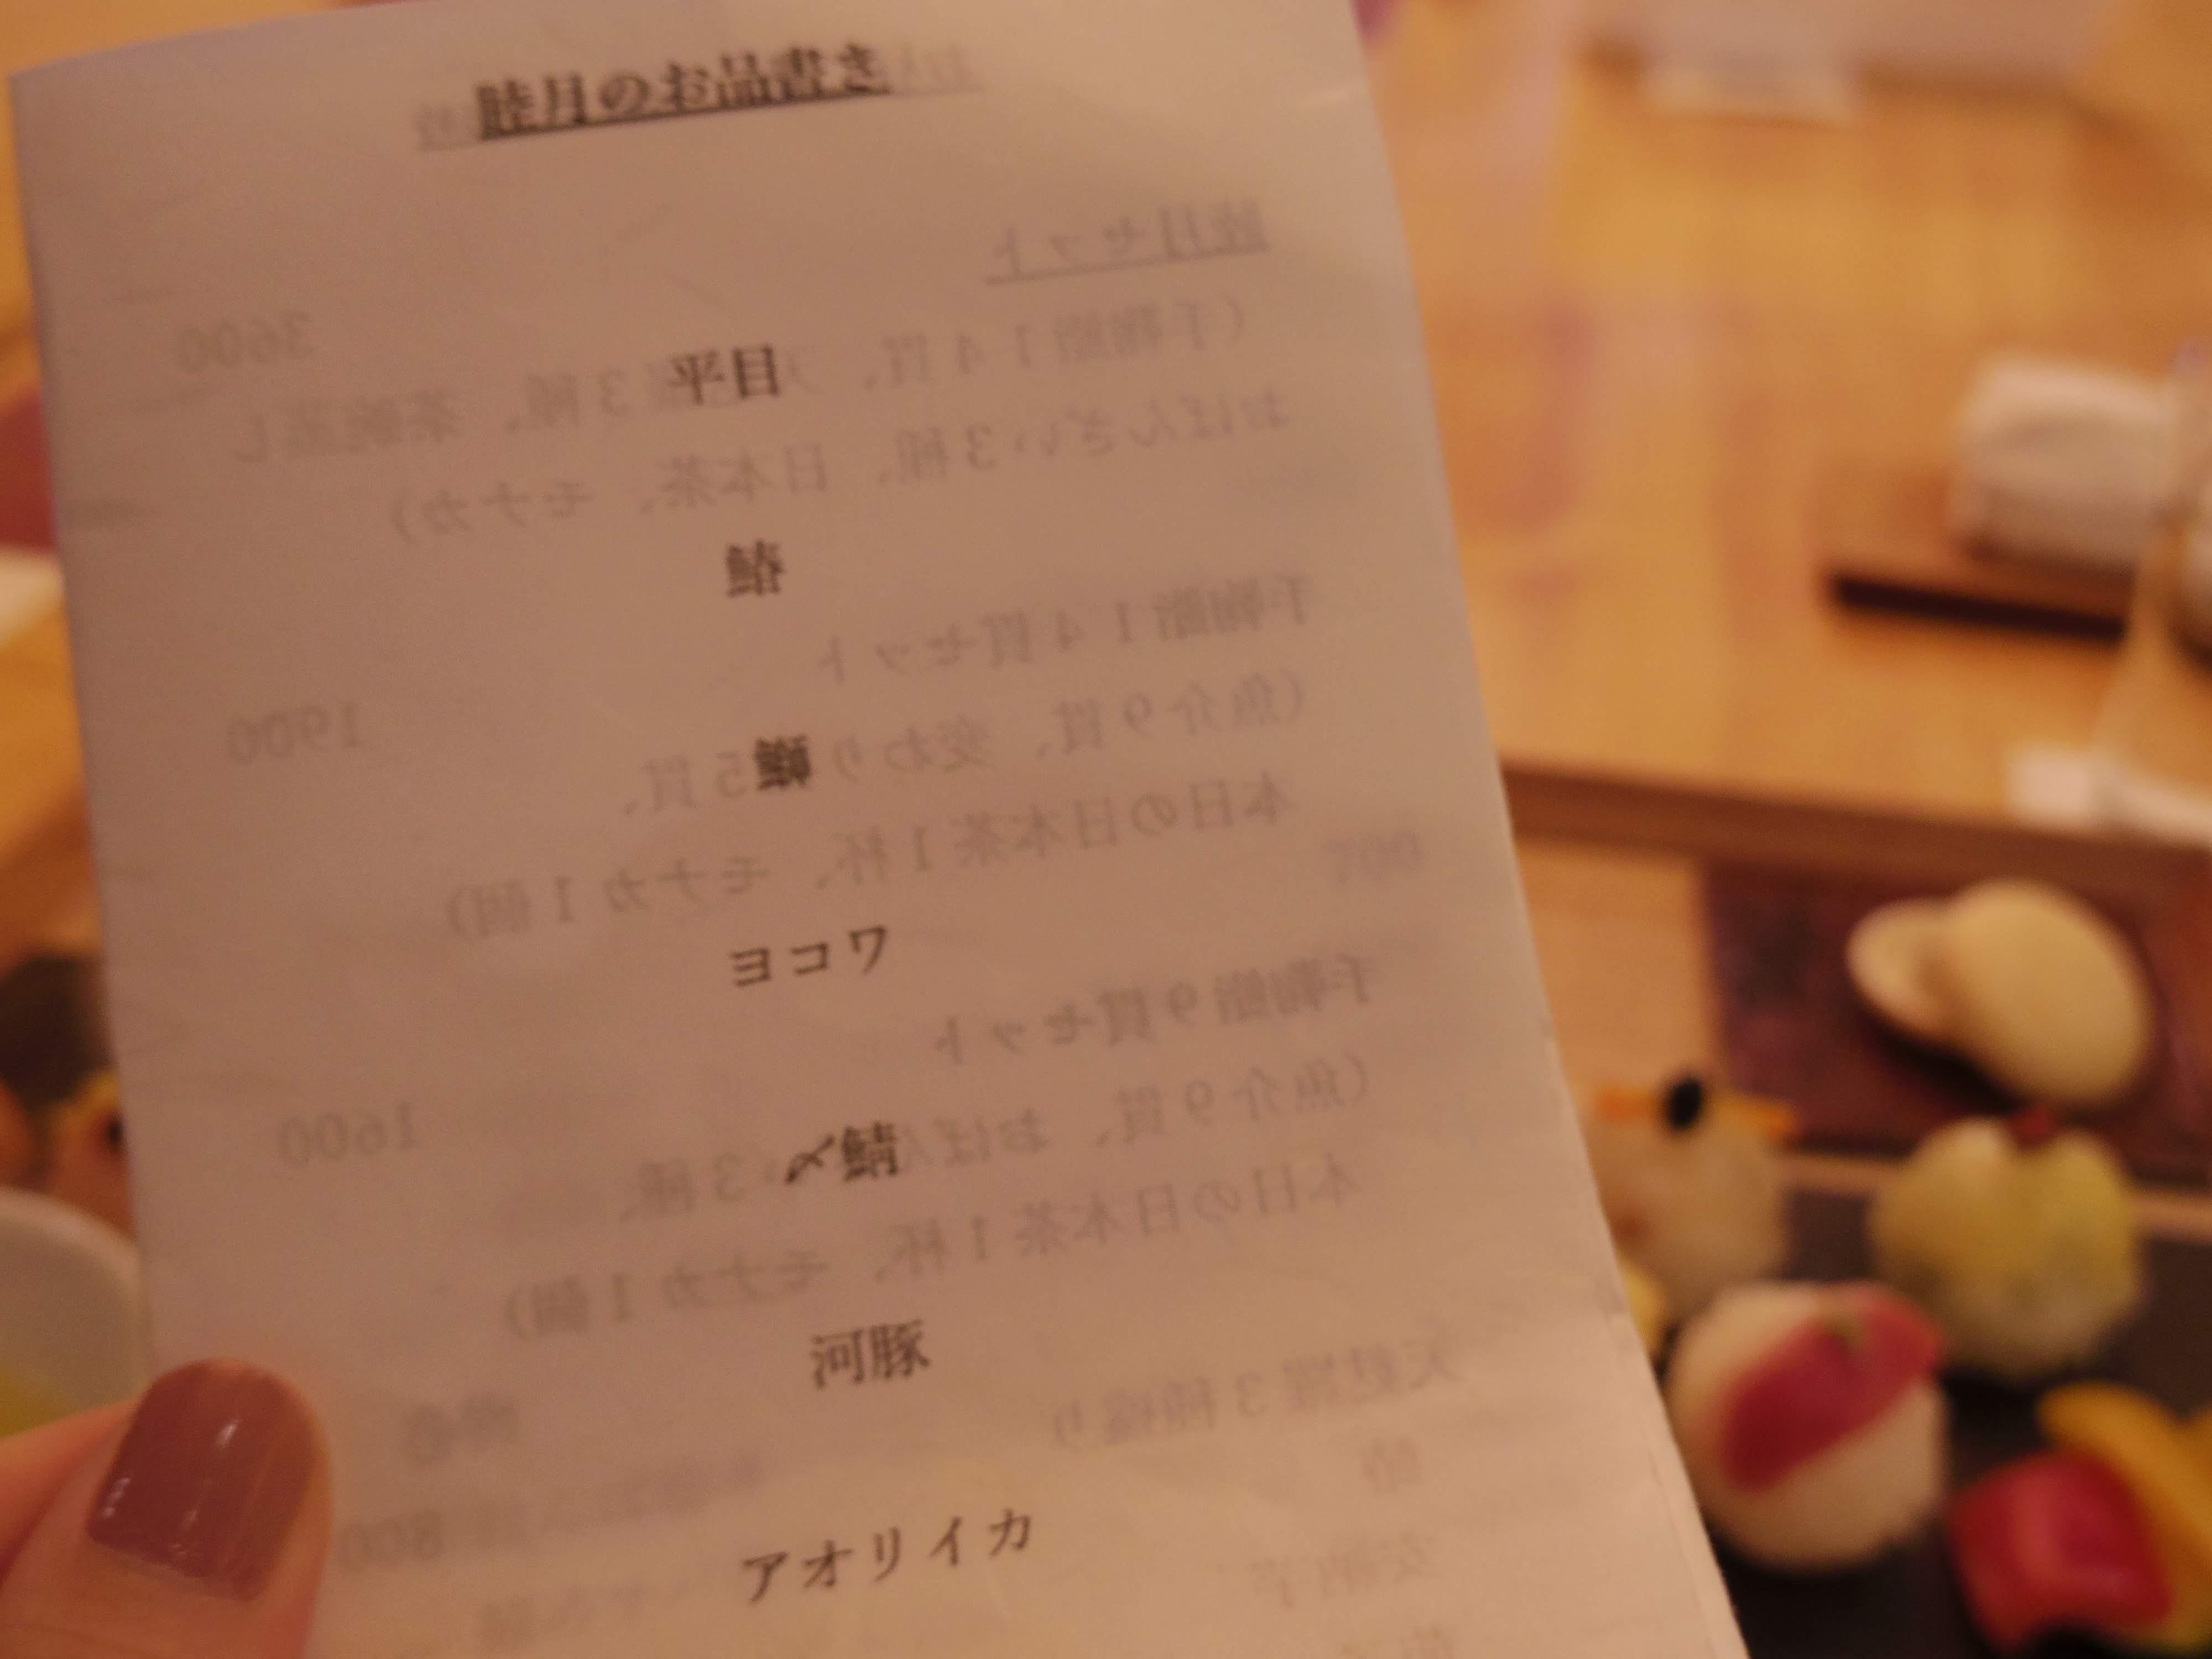 【予約必須】京都で「手鞠鮨」を食べよう♡オススメはここだ!_6